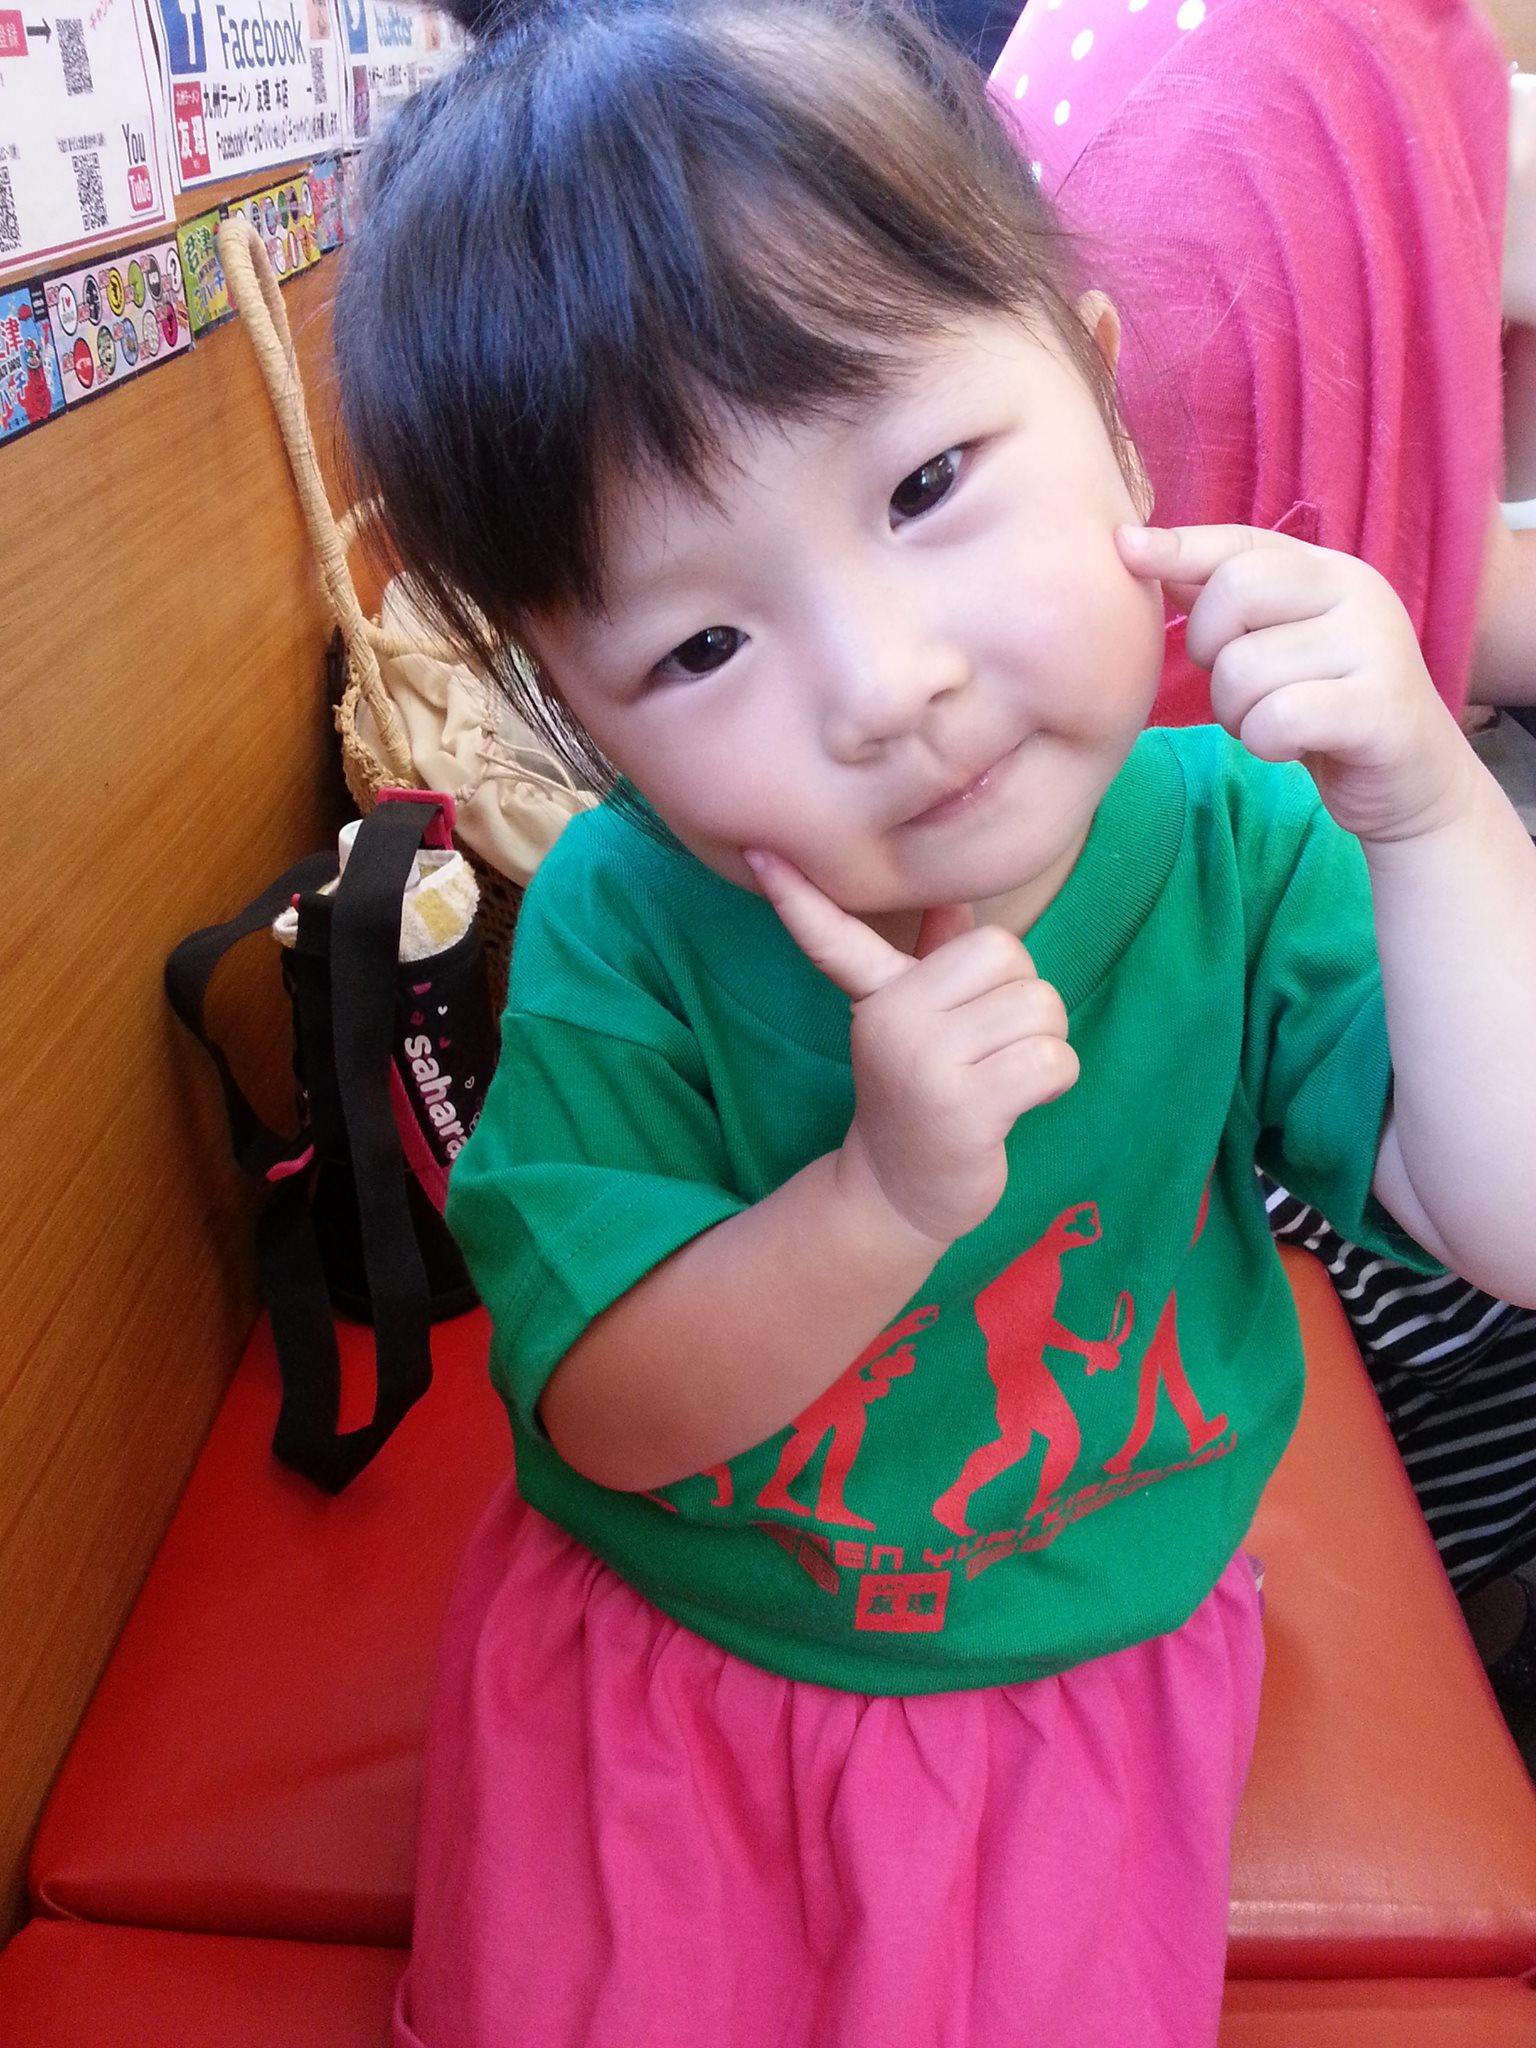 友理Tシャツ2015 プロジェクト始動ーーー!